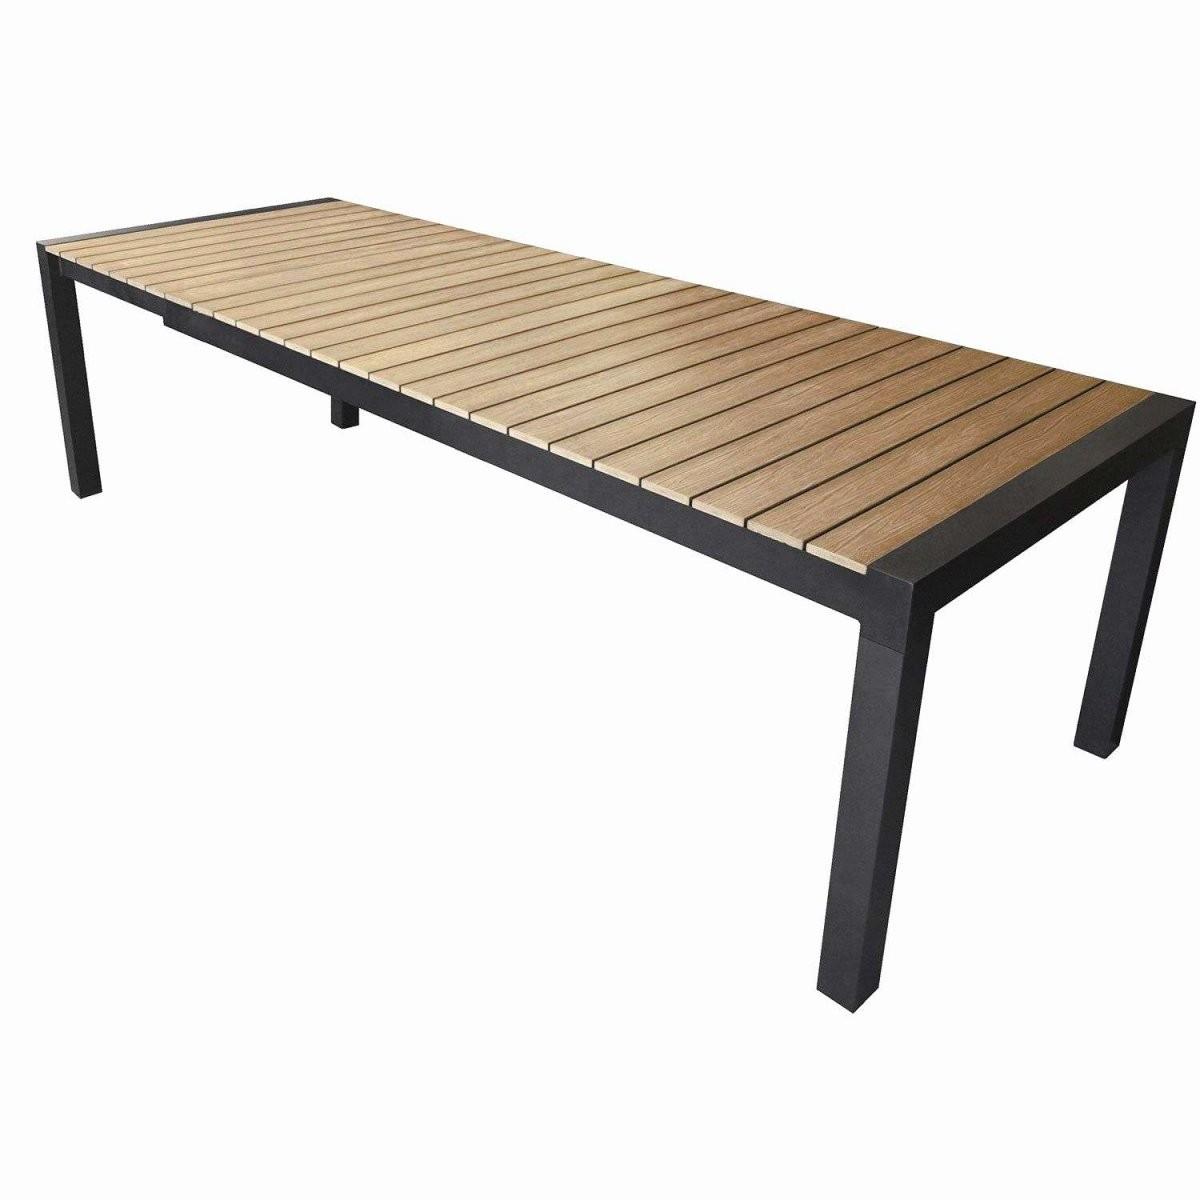 Garten Ausziehtisch Alu Das Beste Von Elegant Kettler Tisch Simple von Gartentisch Ausziehbar Alu Holz Bild